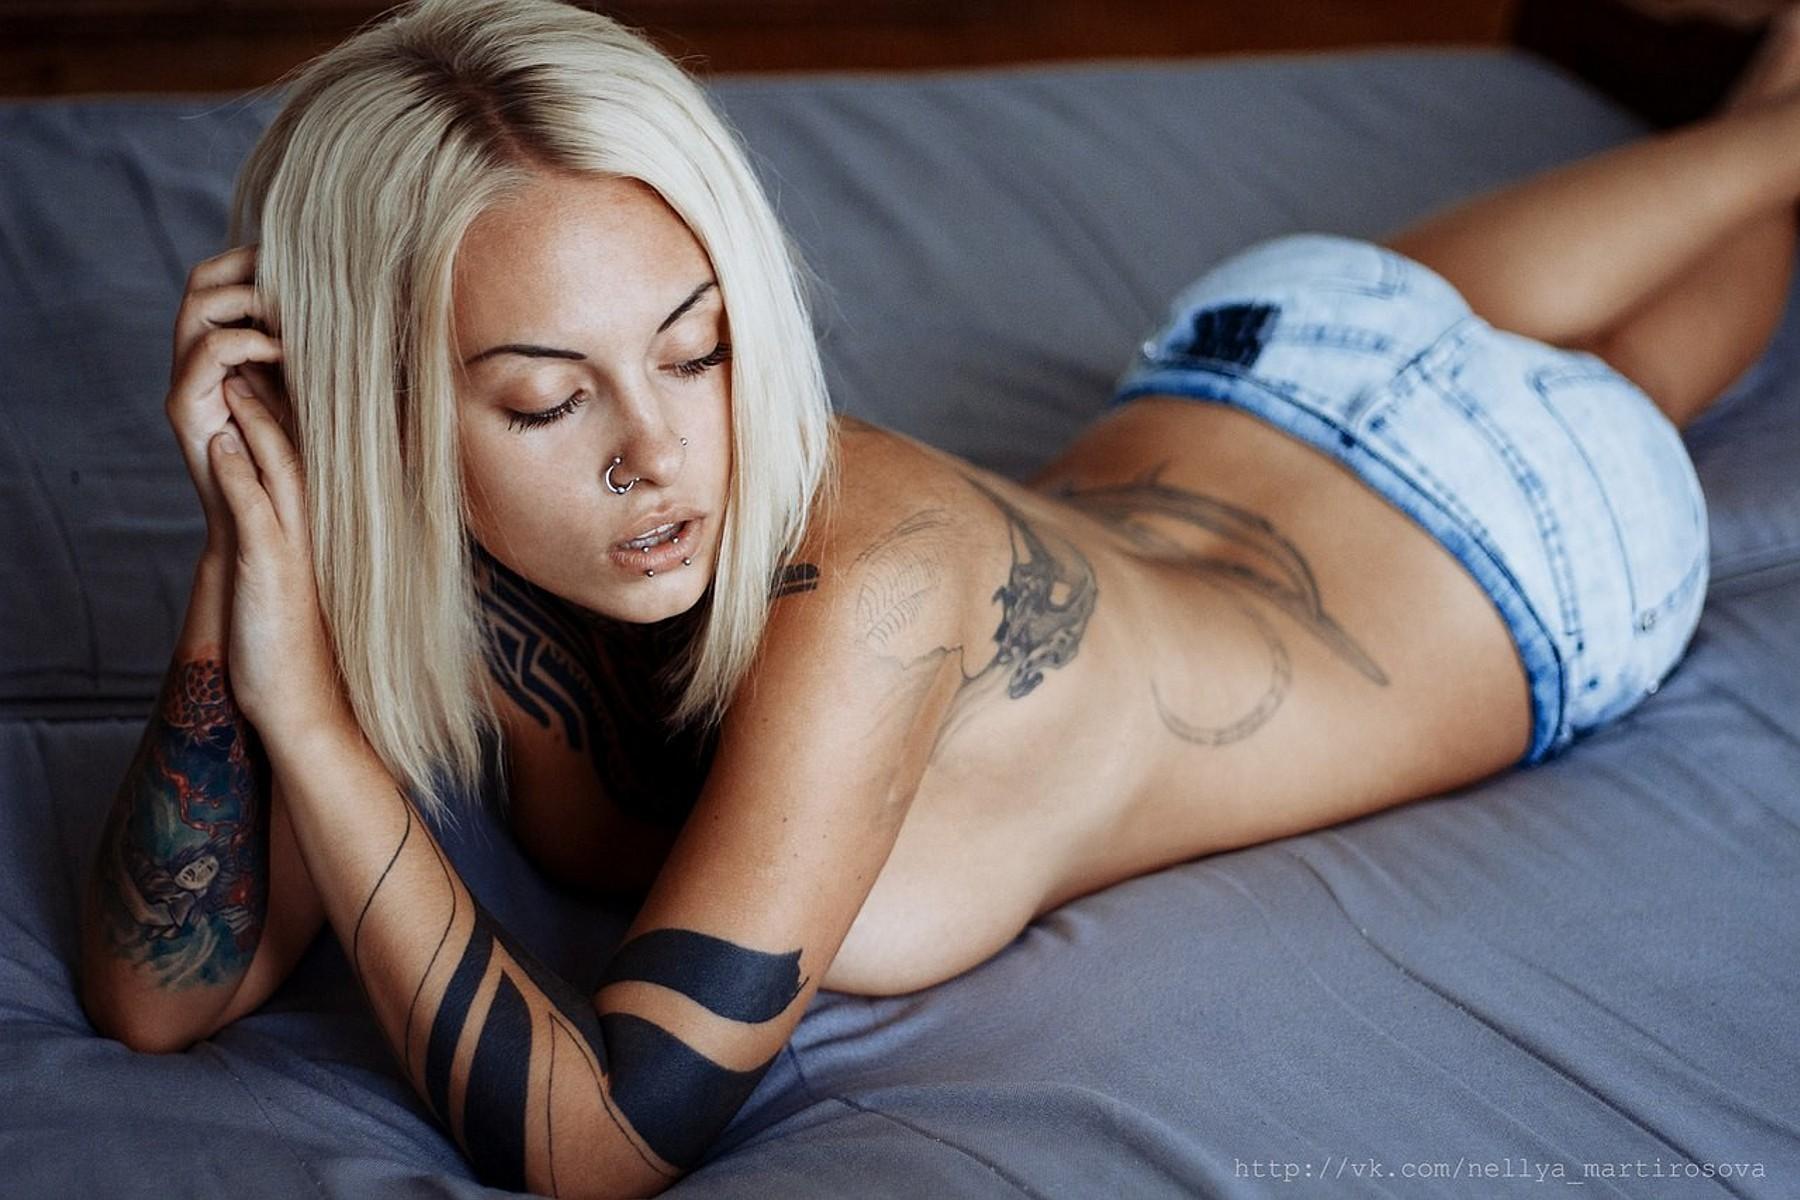 Baggrund Kvinder, Blondine, Bed, Shorts, Tattoo, Jeans-6304